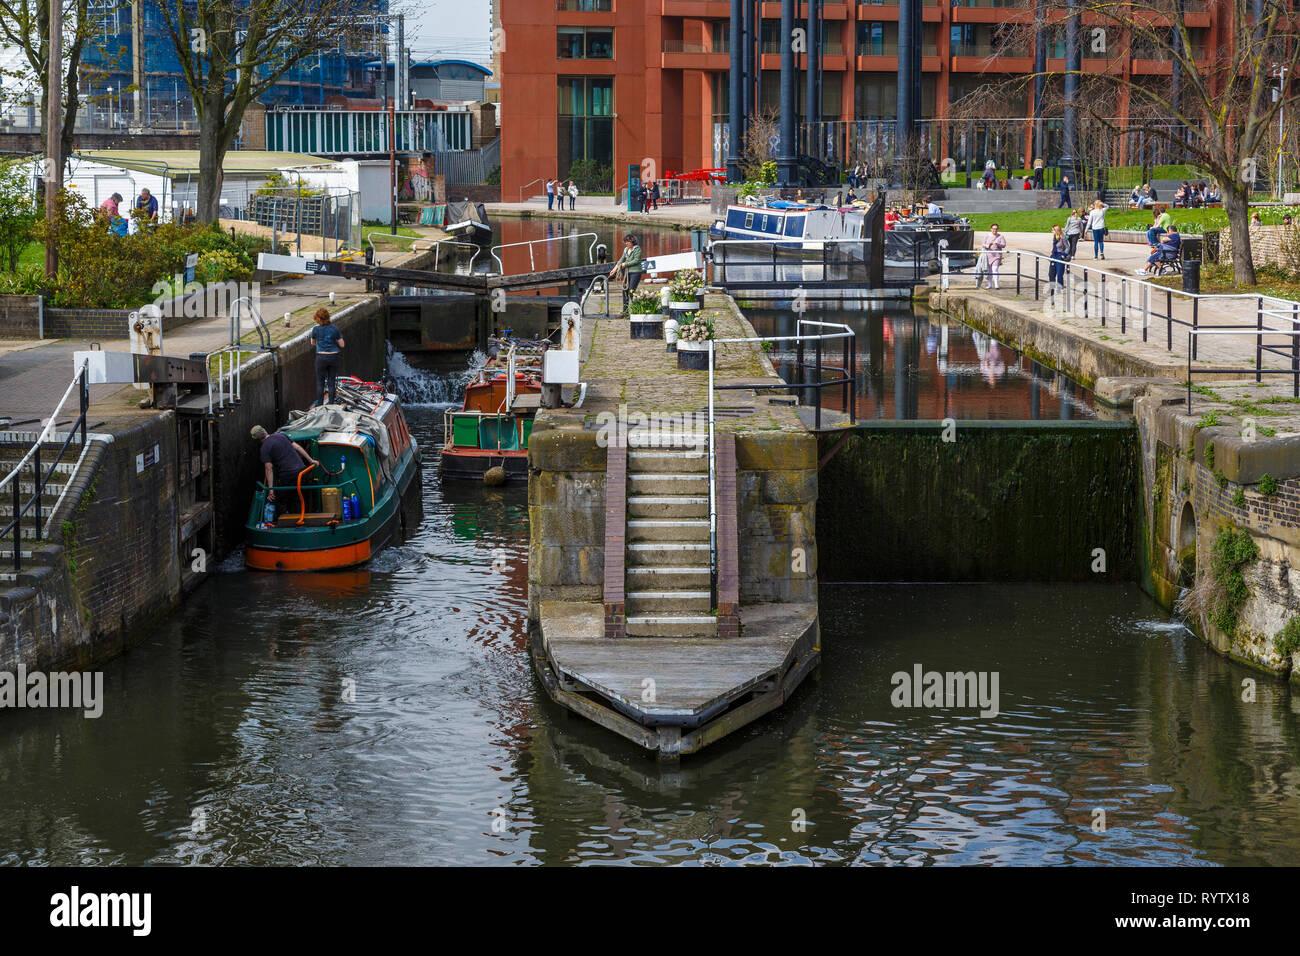 Il 1819 St Pancras Lock sul Regent's Canal a Londra, UK.destinazione popolare per i turisti. Immagini Stock